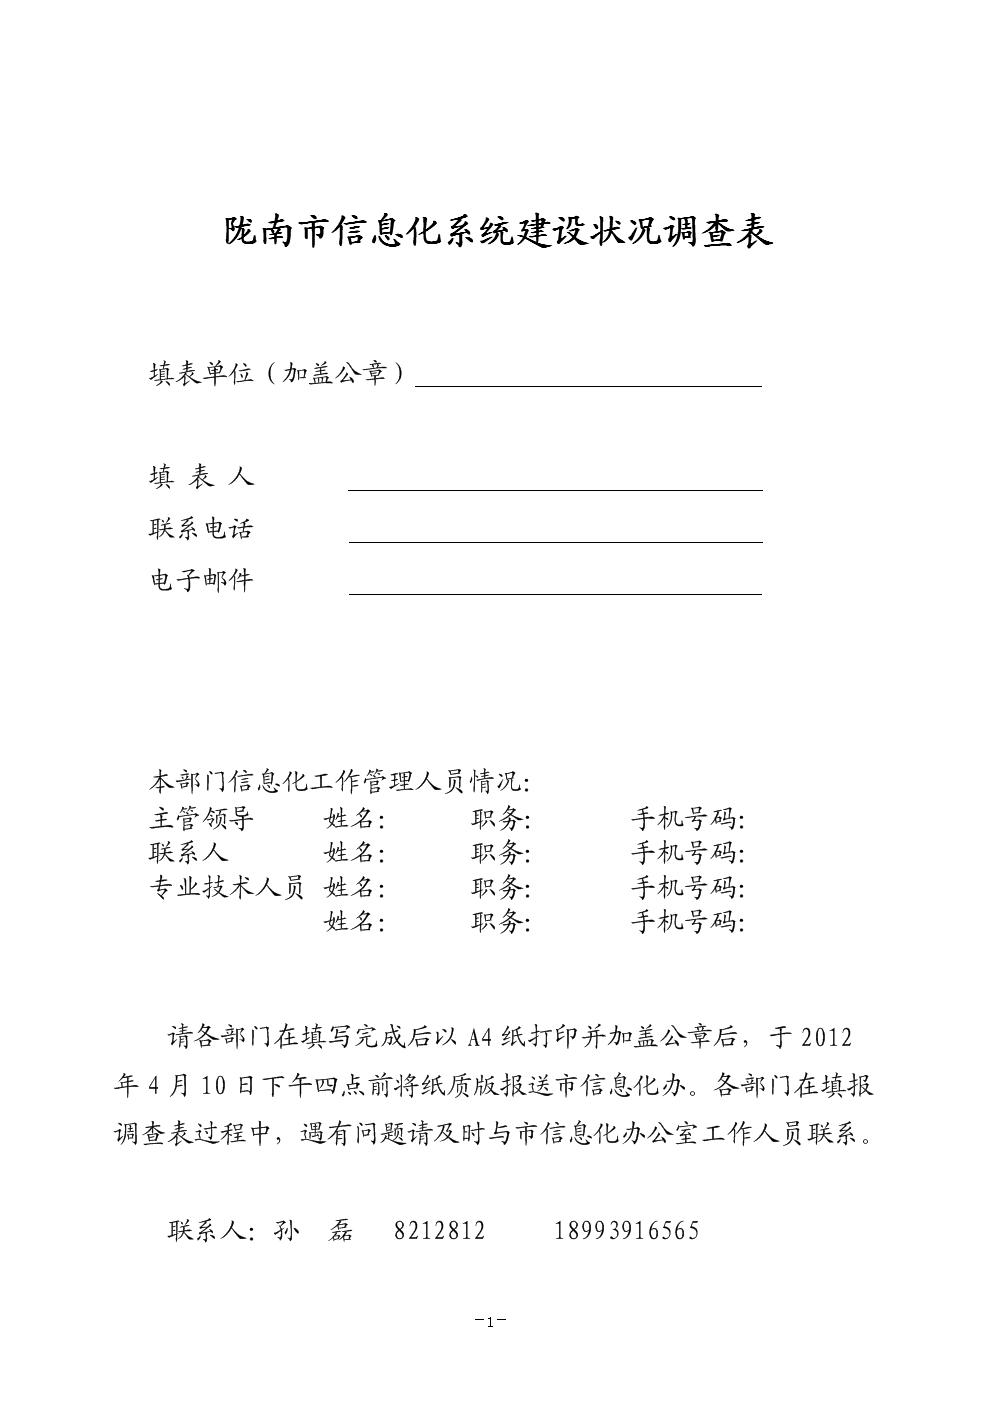 陇南信息化系统建设状况调查表.doc